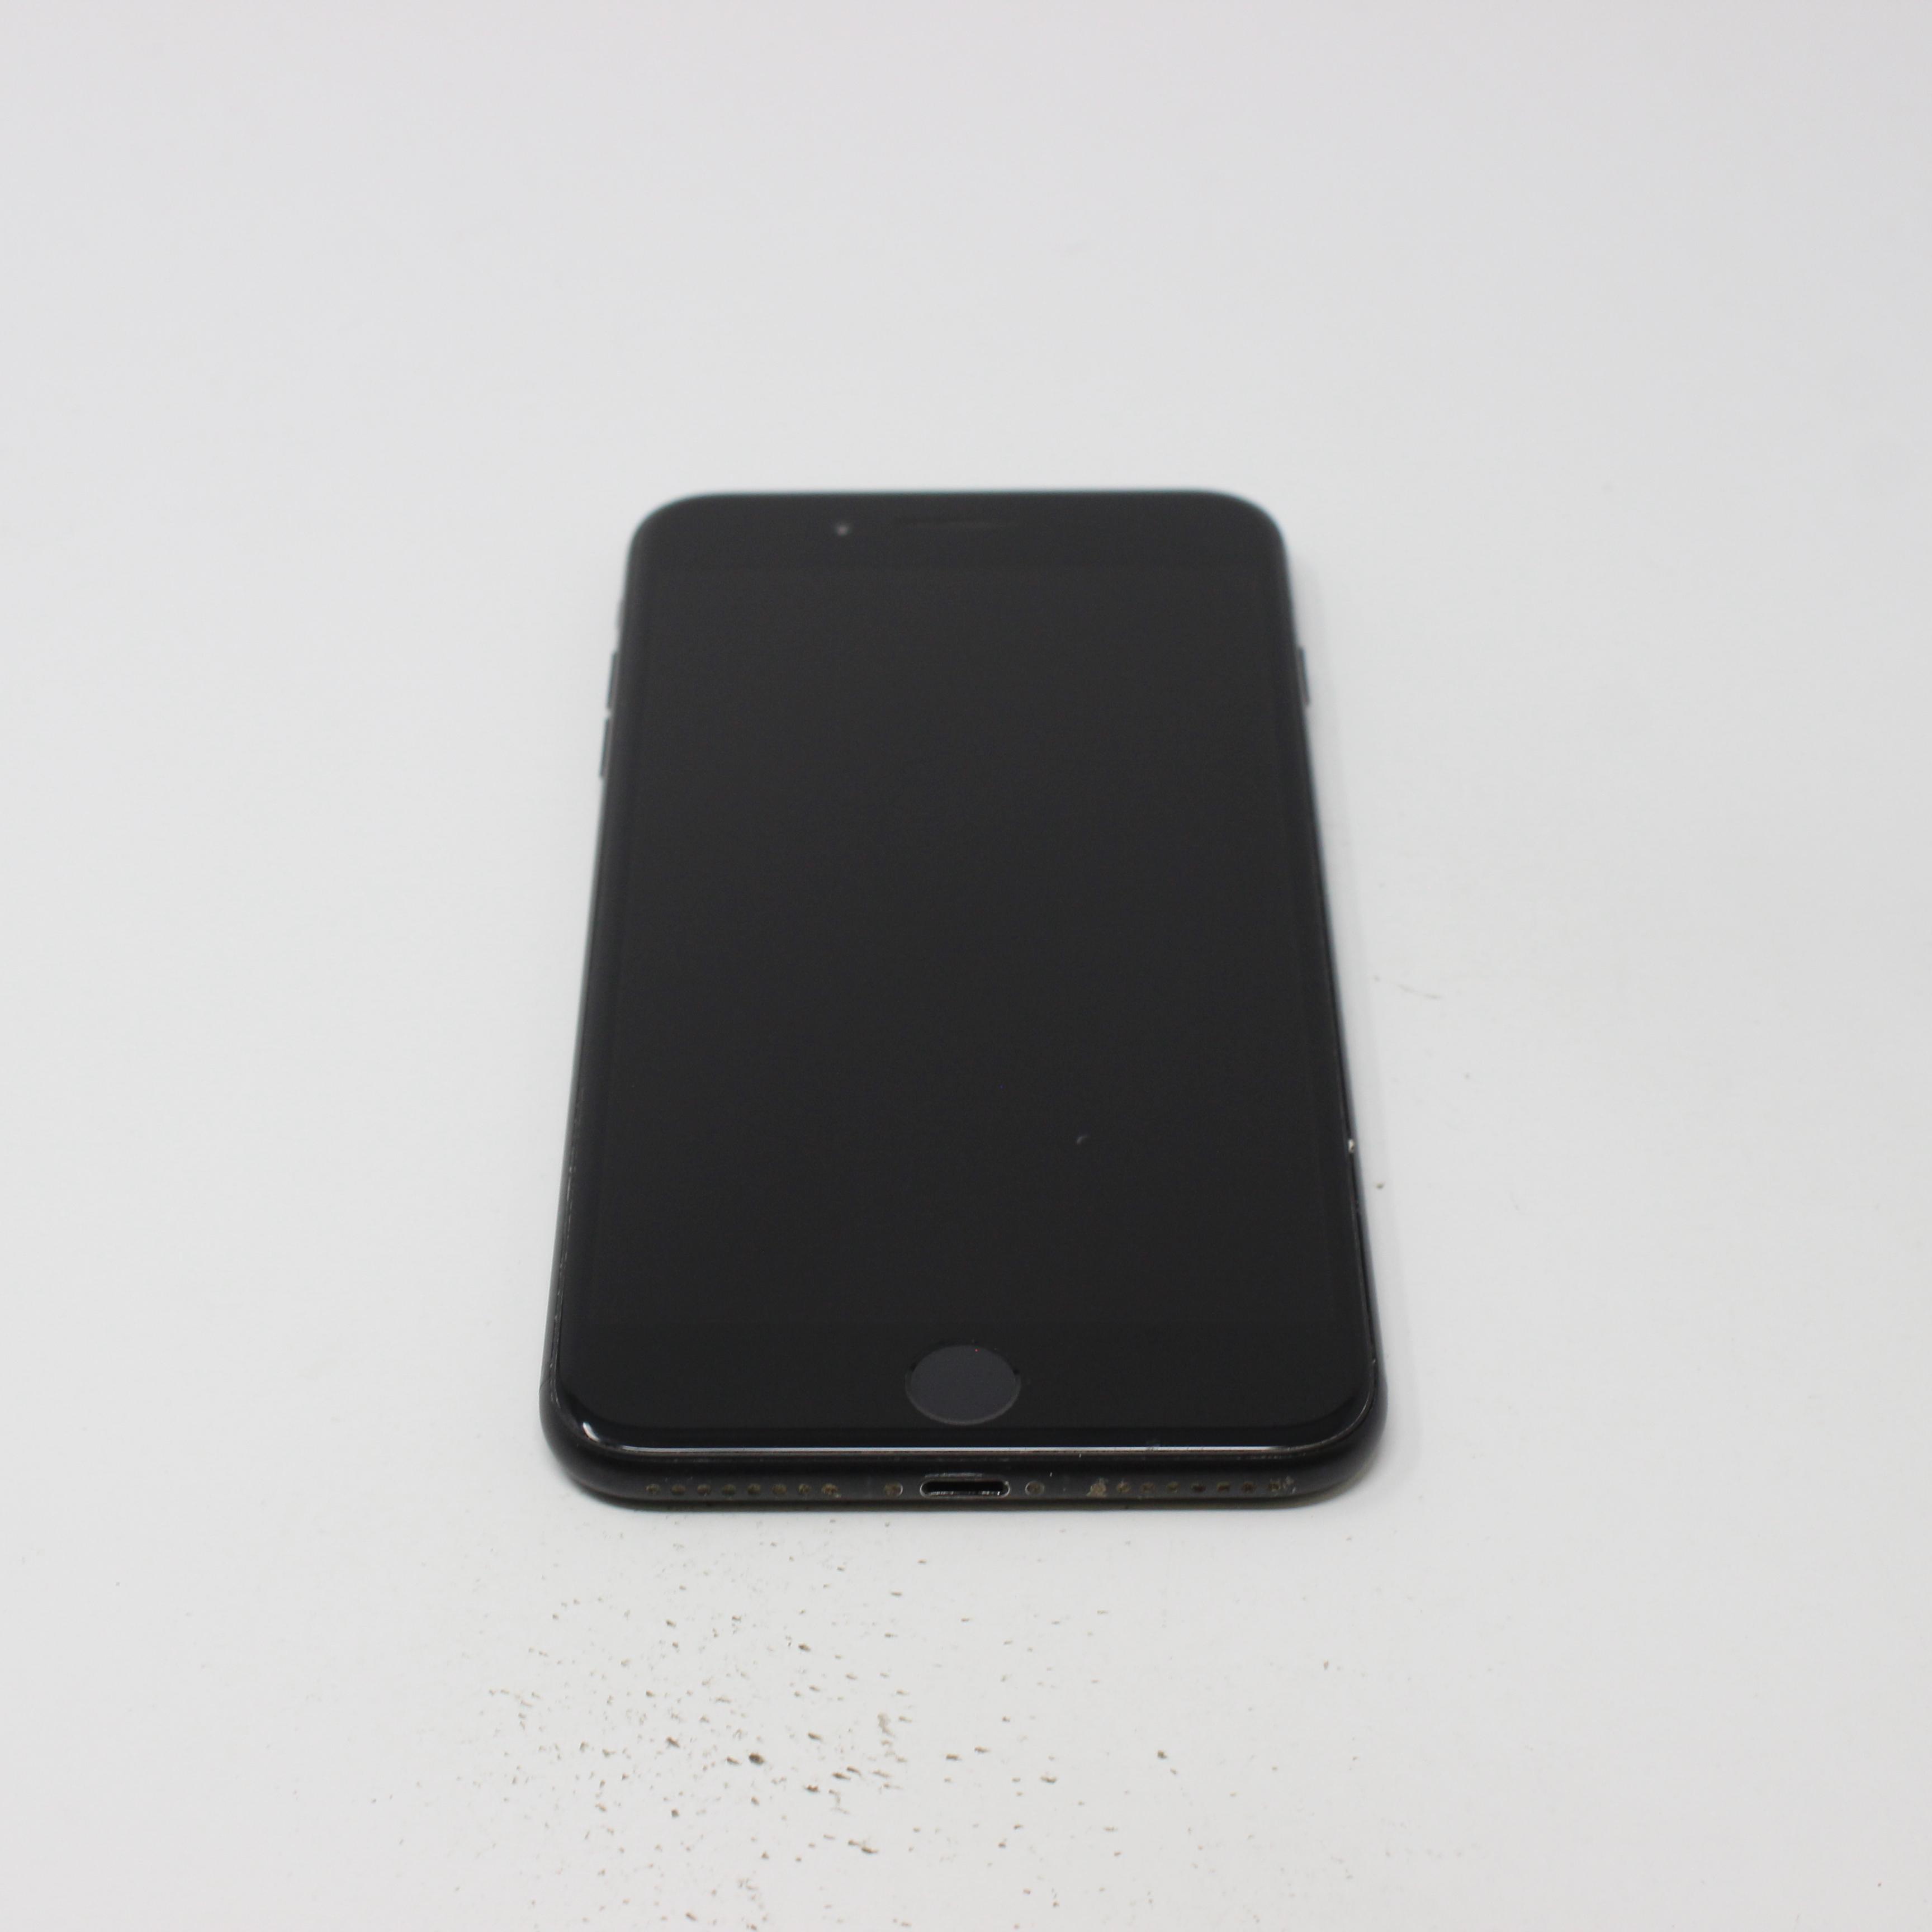 iPhone 7 Plus 32GB Black - AT&T photo 2 | UpTradeit.com